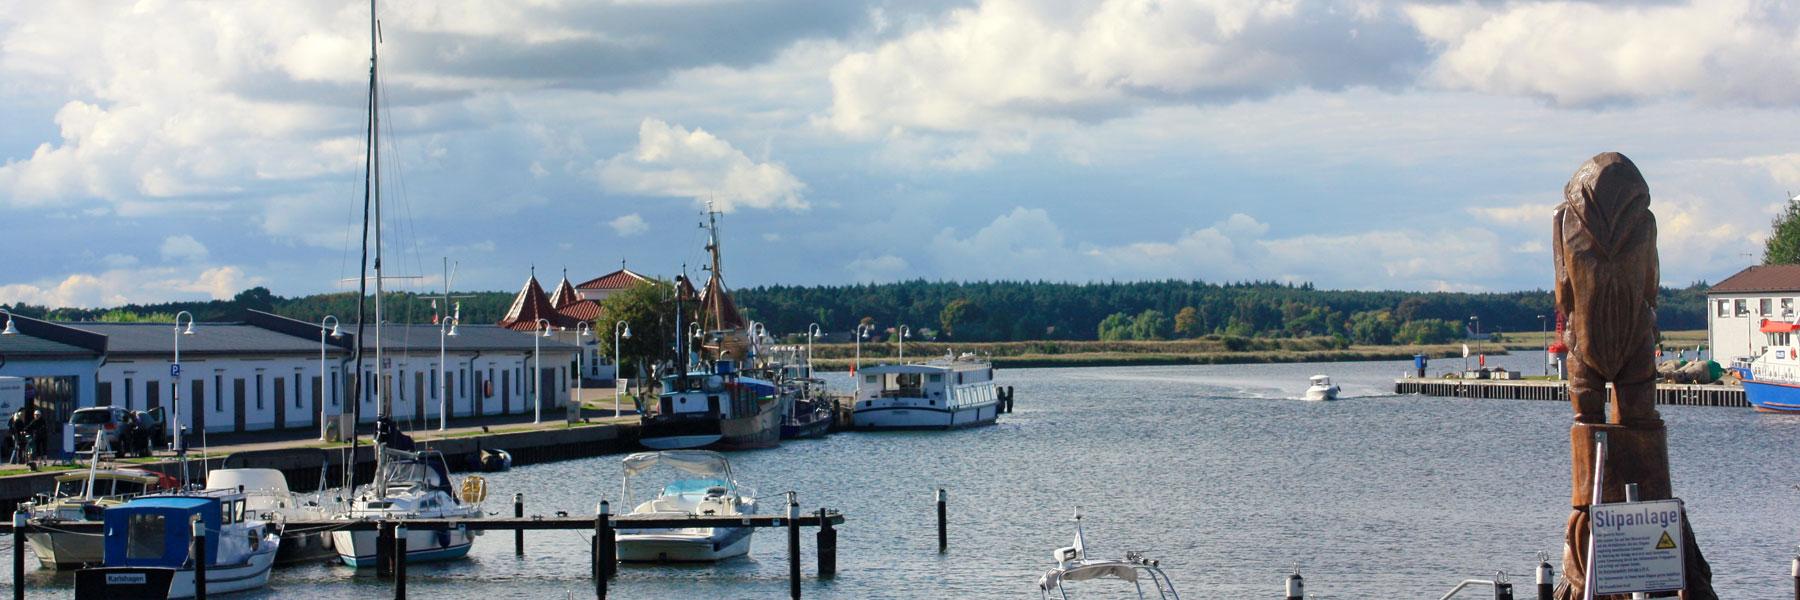 Hafen - Ostseebad Karlshagen